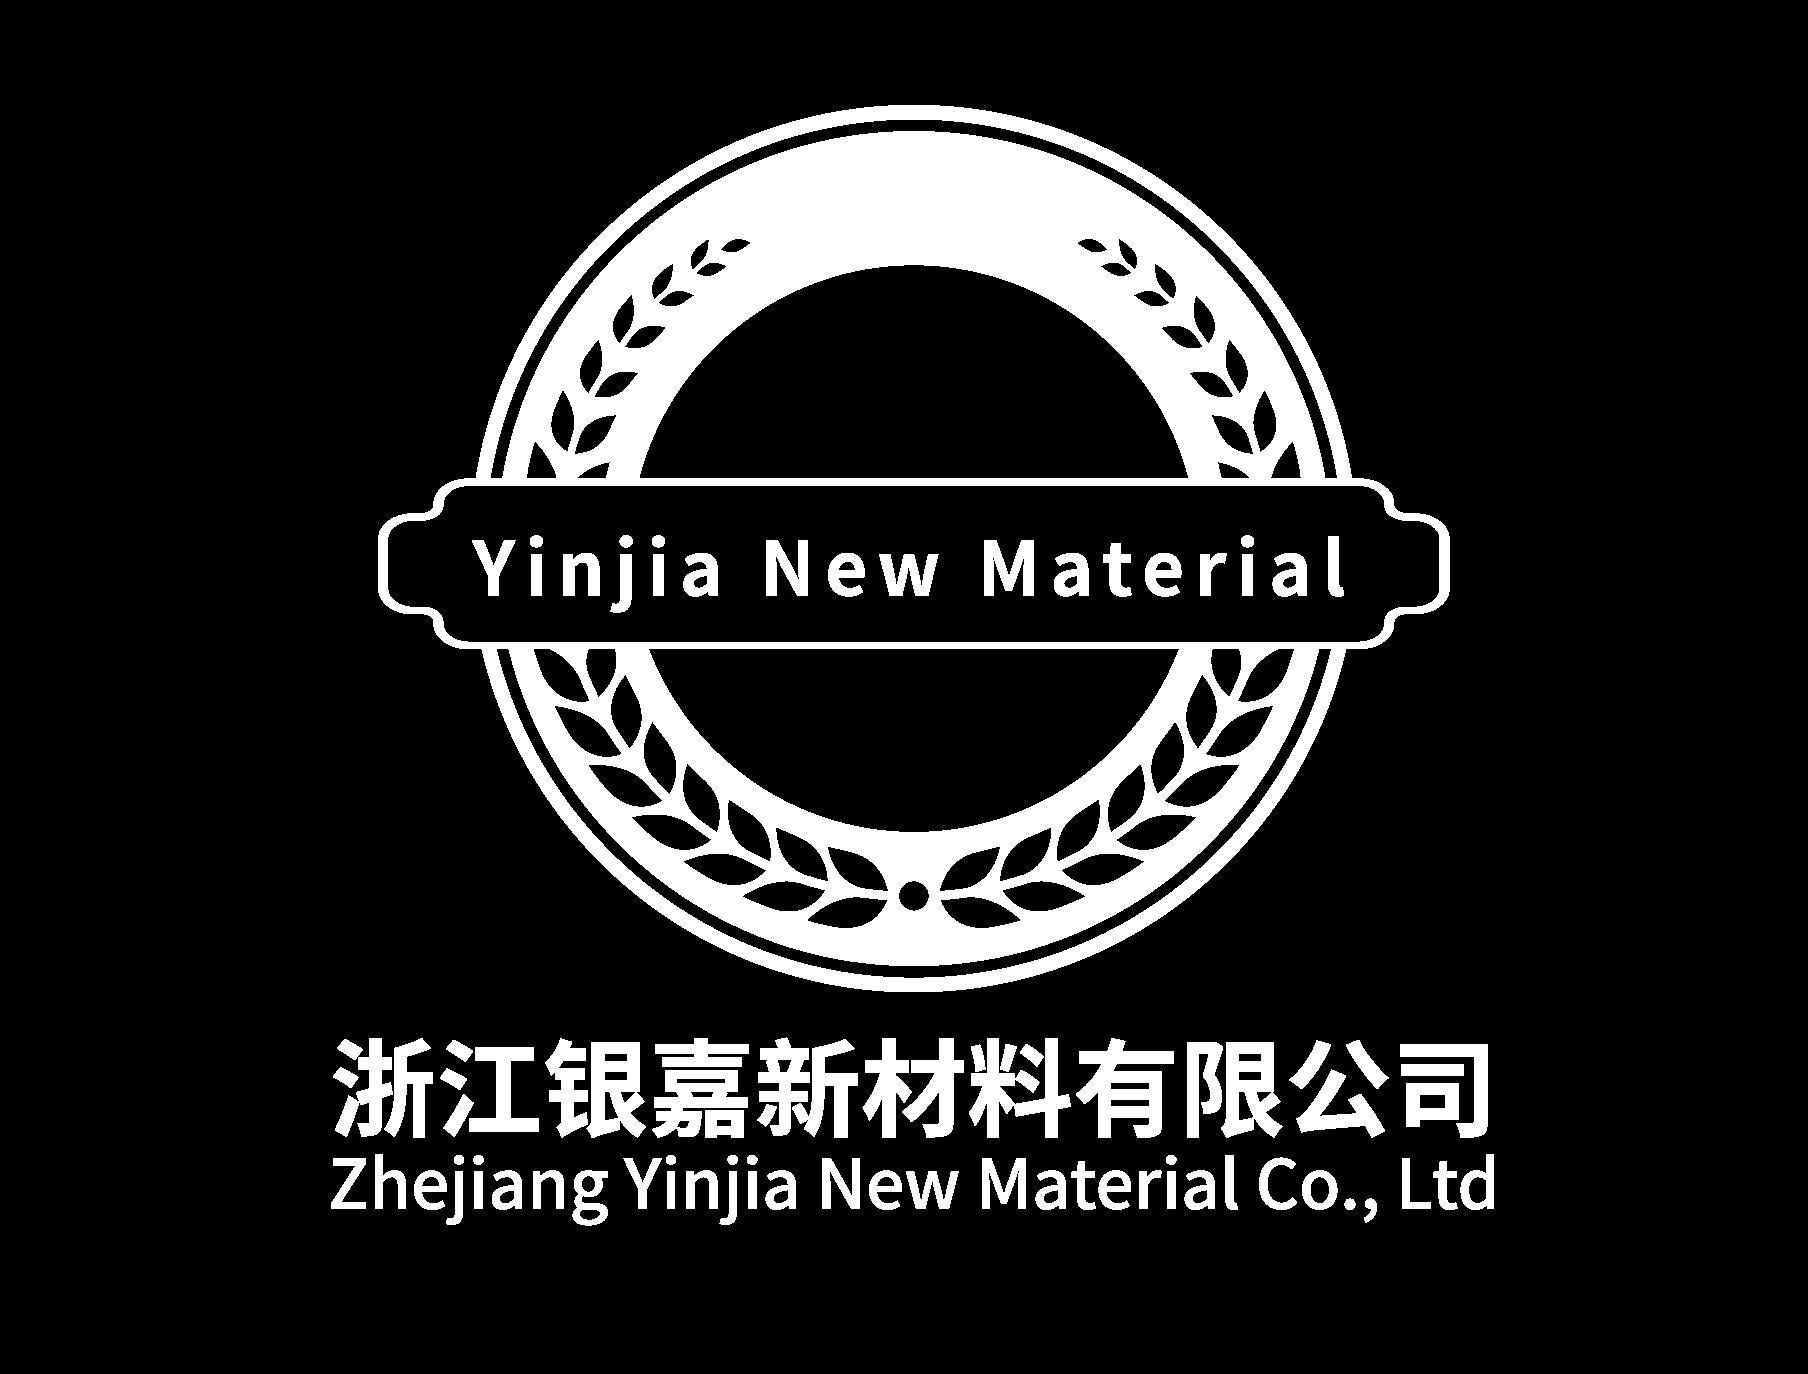 银嘉新材料LOGO-镂空-反白.png